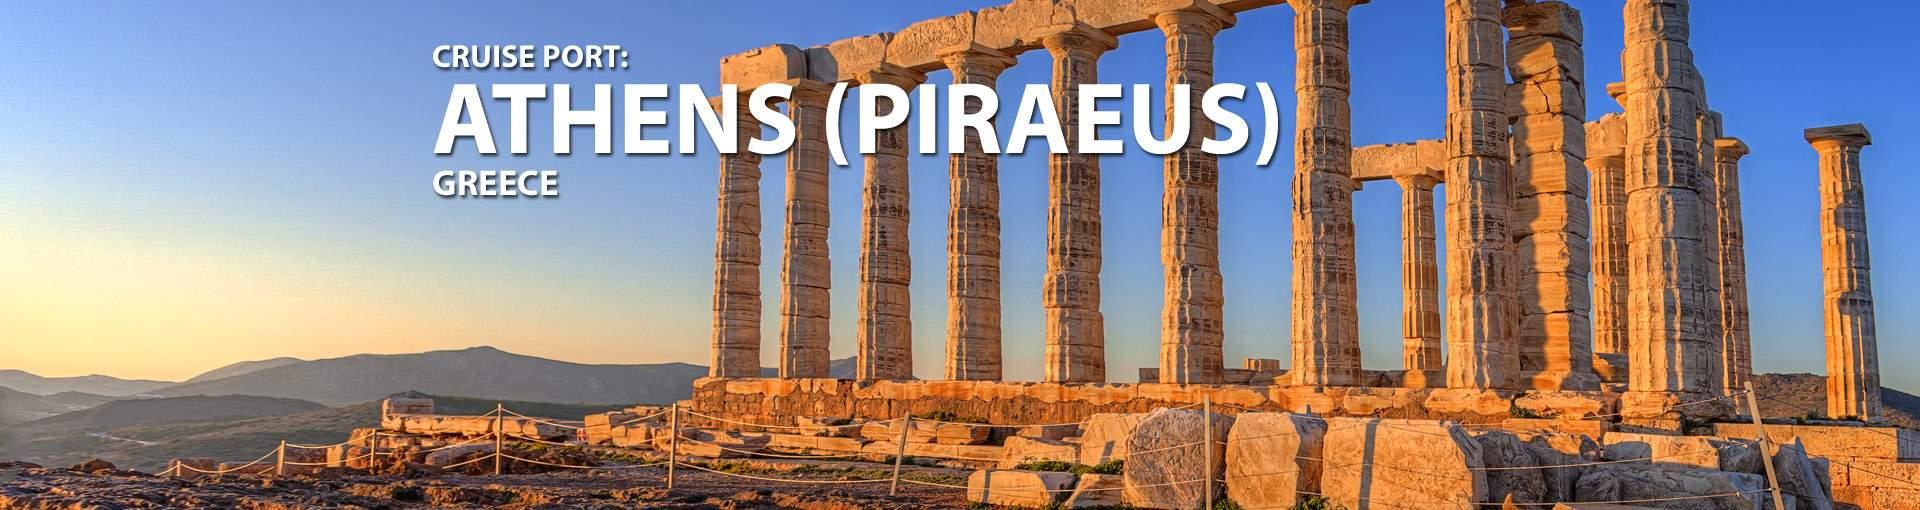 Cruises to Piraeus (Athens), Greece